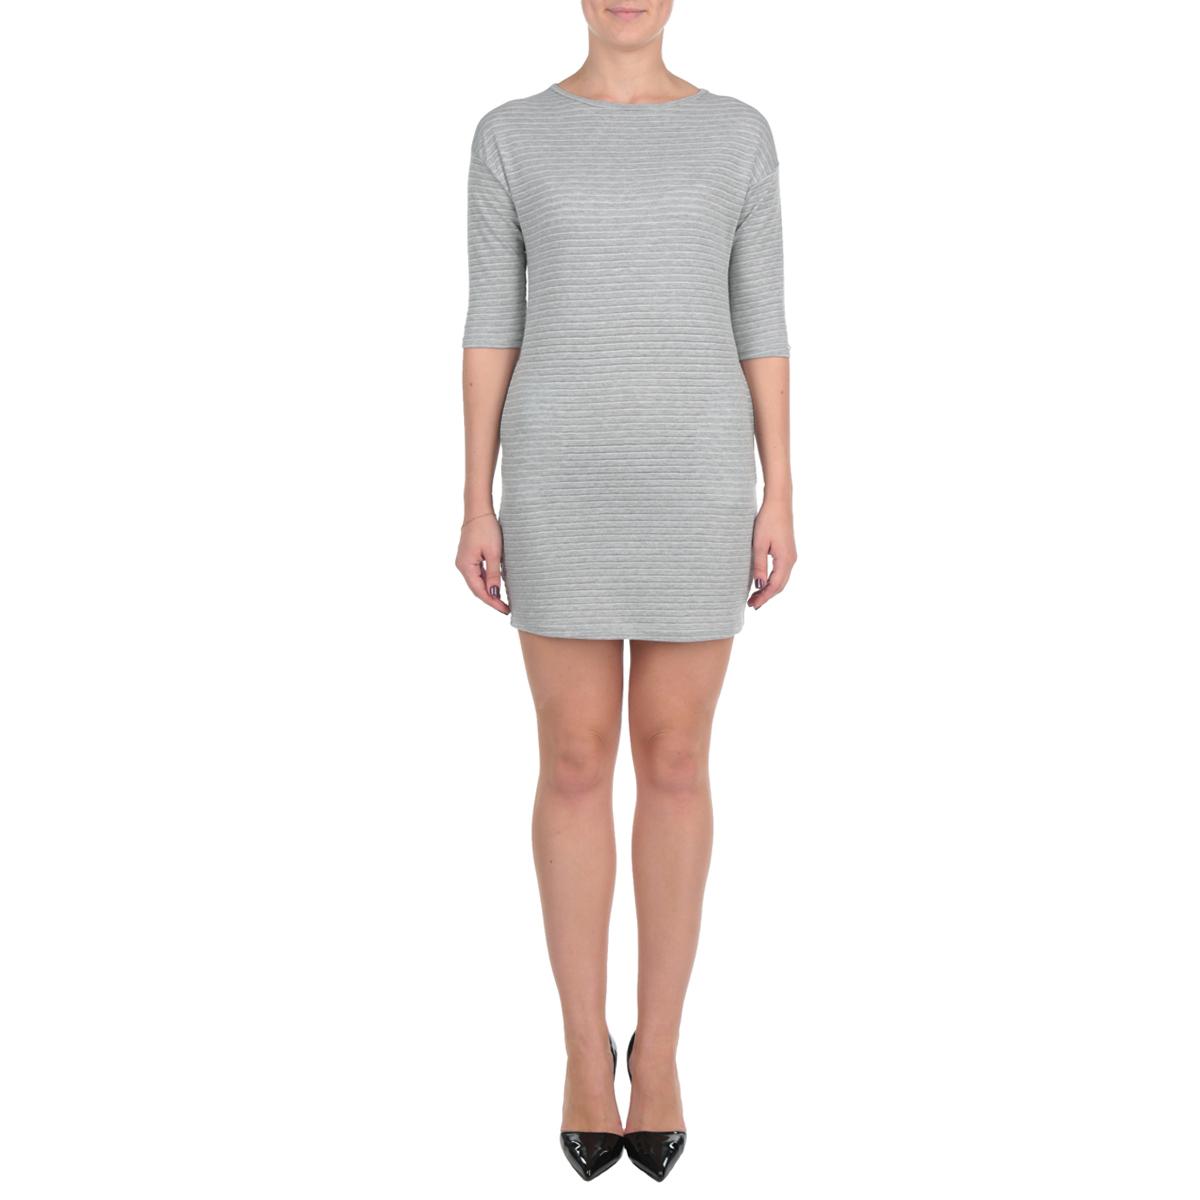 Платье. TSU0472SZTSU0472SZСтильное платье Troll, выполненное из высококачественного мягкого трикотажа, с одной стороны создает уют комфортной одежды, а с другой стороны - утонченный и женственный образ. Модель свободного кроя с рукавом 3/4 и круглым вырезом горловины. Платье по бокам дополнено двумя открытыми втачными карманами. Это модное и в тоже время комфортное платье послужит отличным дополнением к вашему гардеробу.